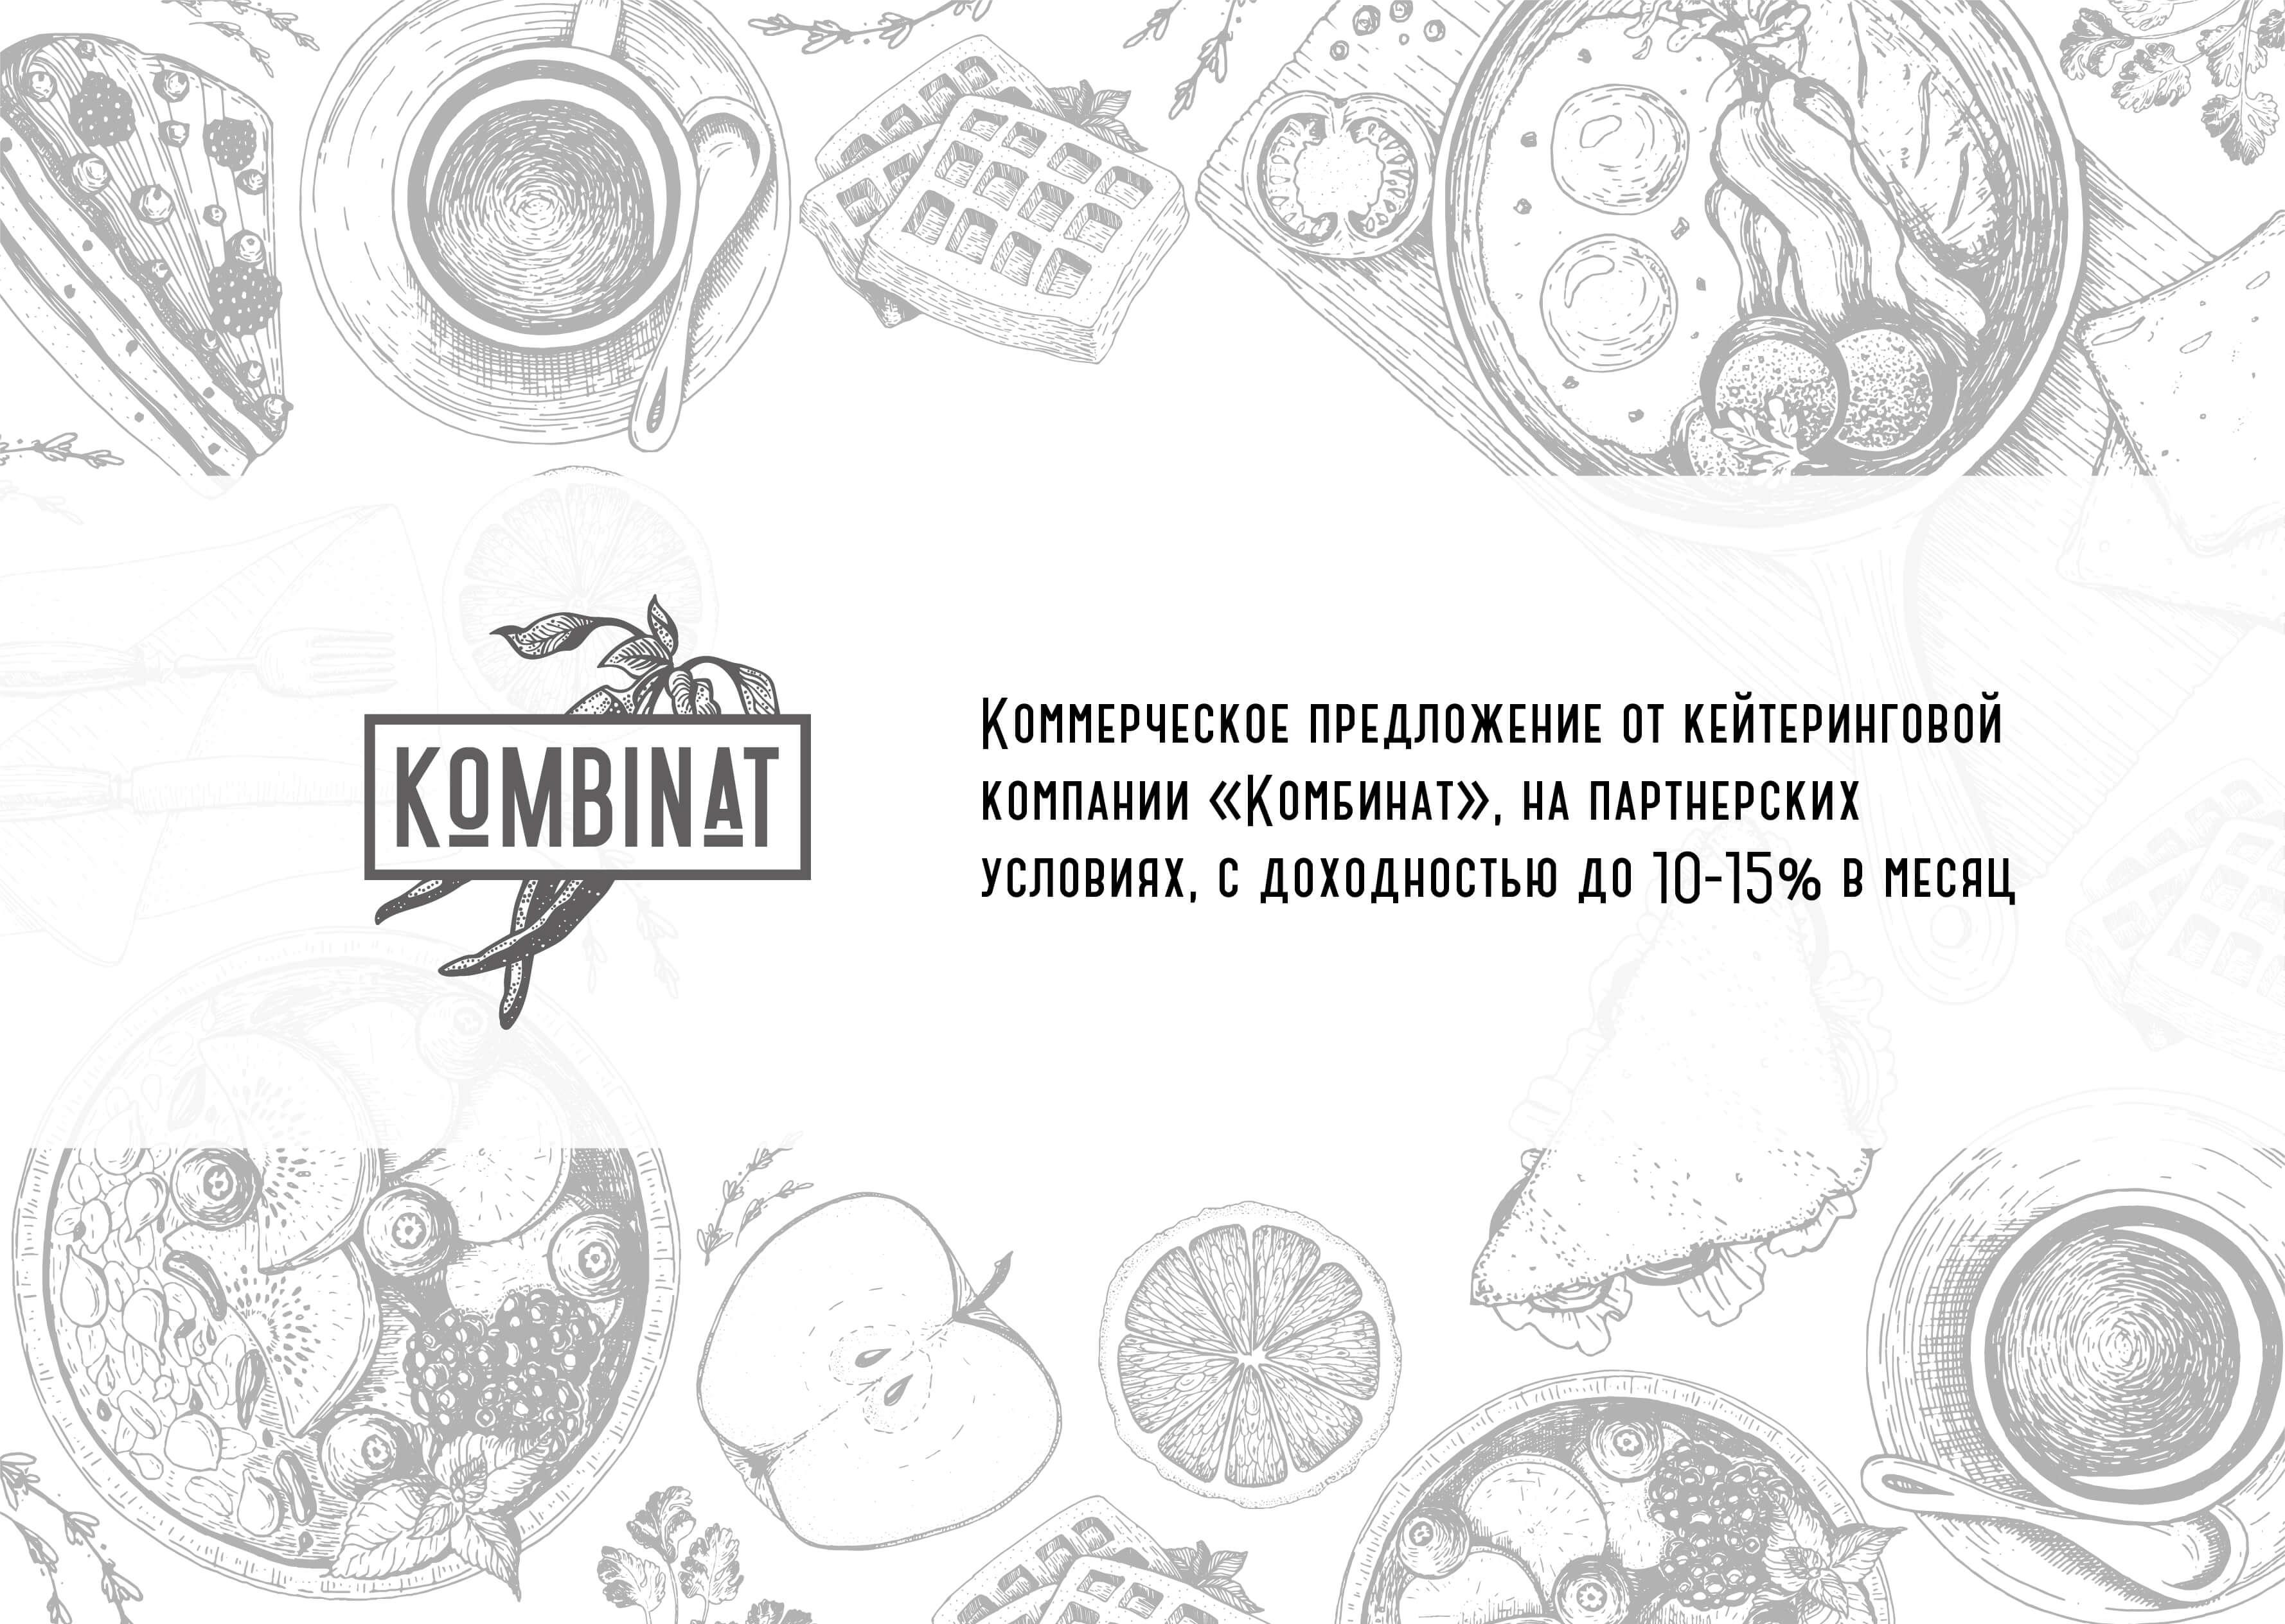 Заказать презентацию кейтеринговой компании в Москве под ключ